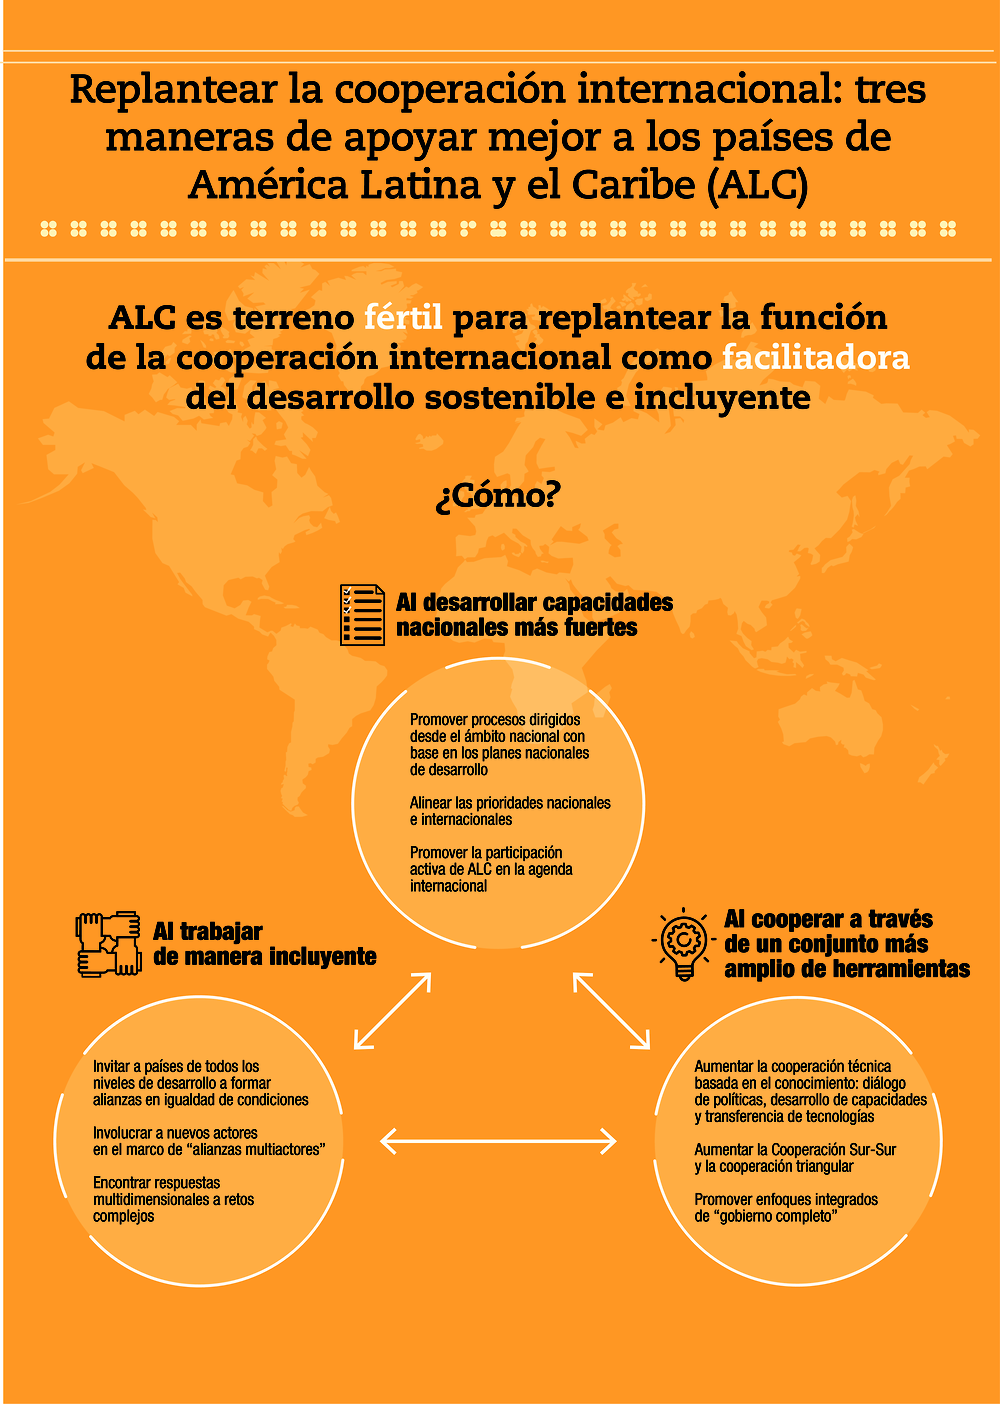 La Cooperación Internacional Como Facilitadora Al Afrontar Nuevos Retos Nacionales Y Mundiales Perspectivas Económicas De América Latina 2019 Desarrollo En Transición Oecd Ilibrary